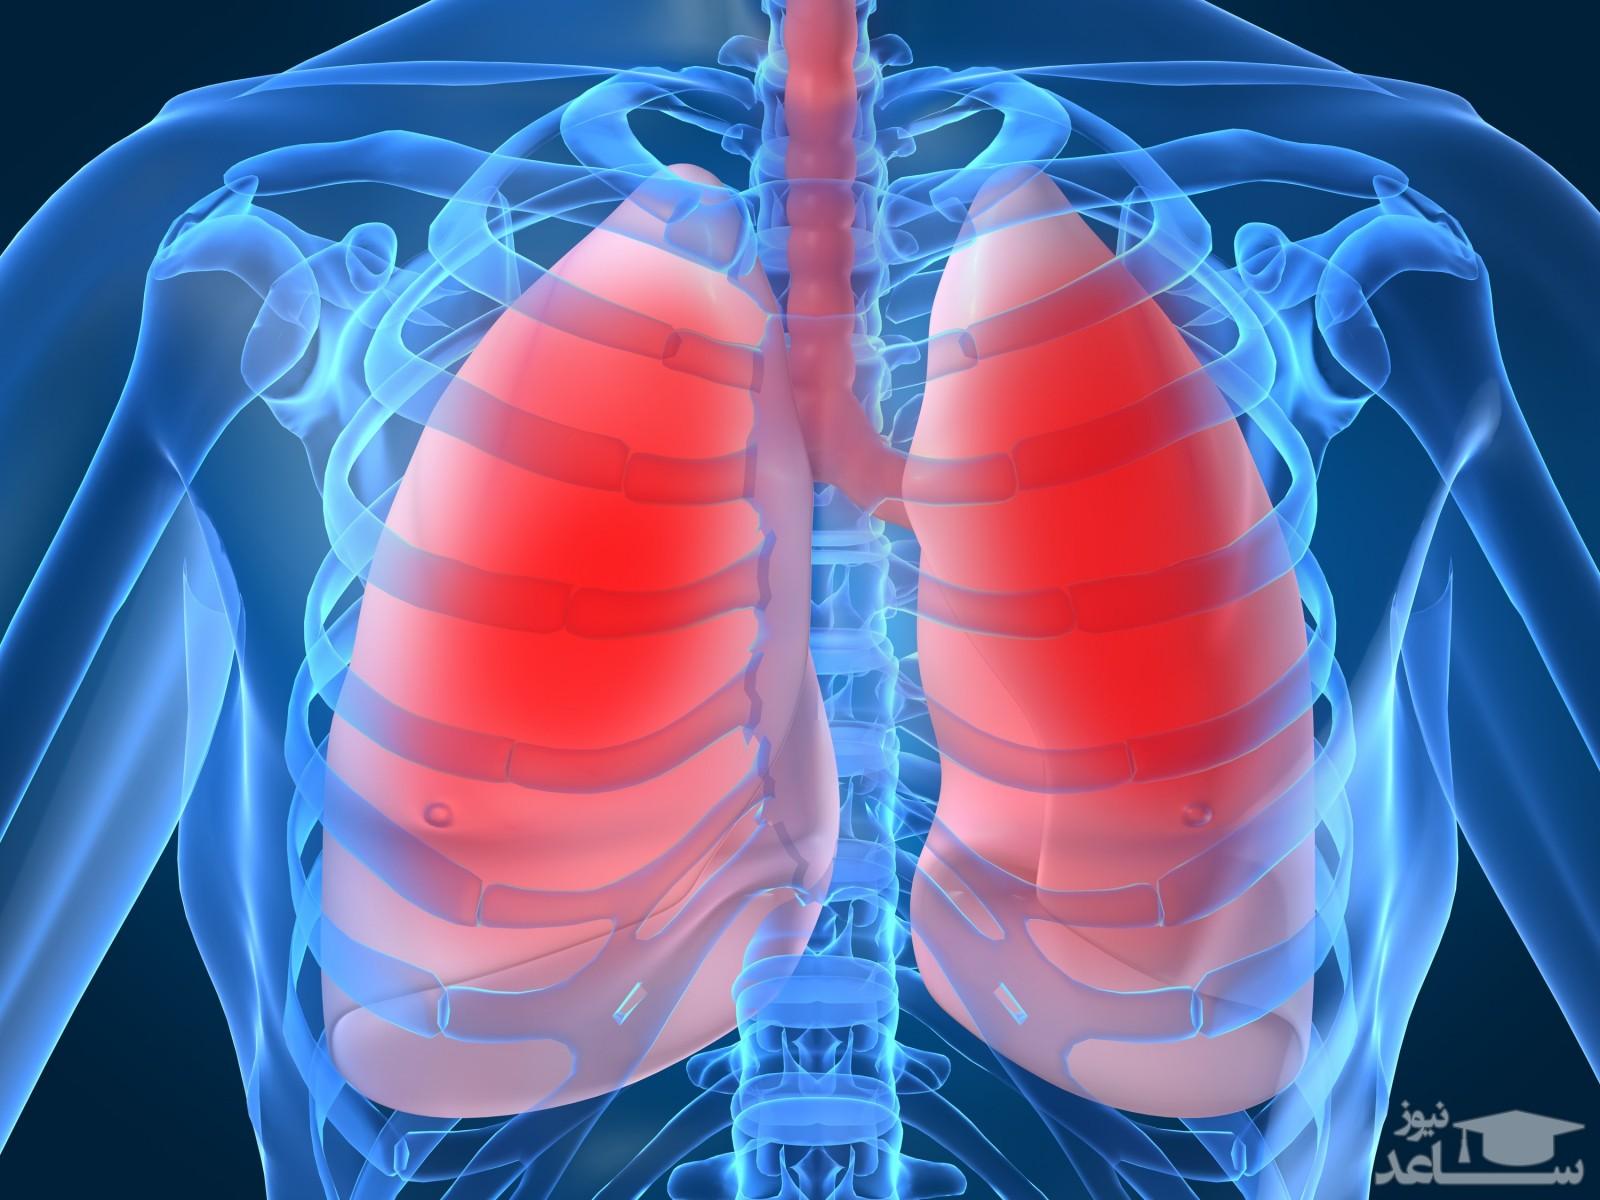 عوارض و موارد مصرف قرص ایروکاست